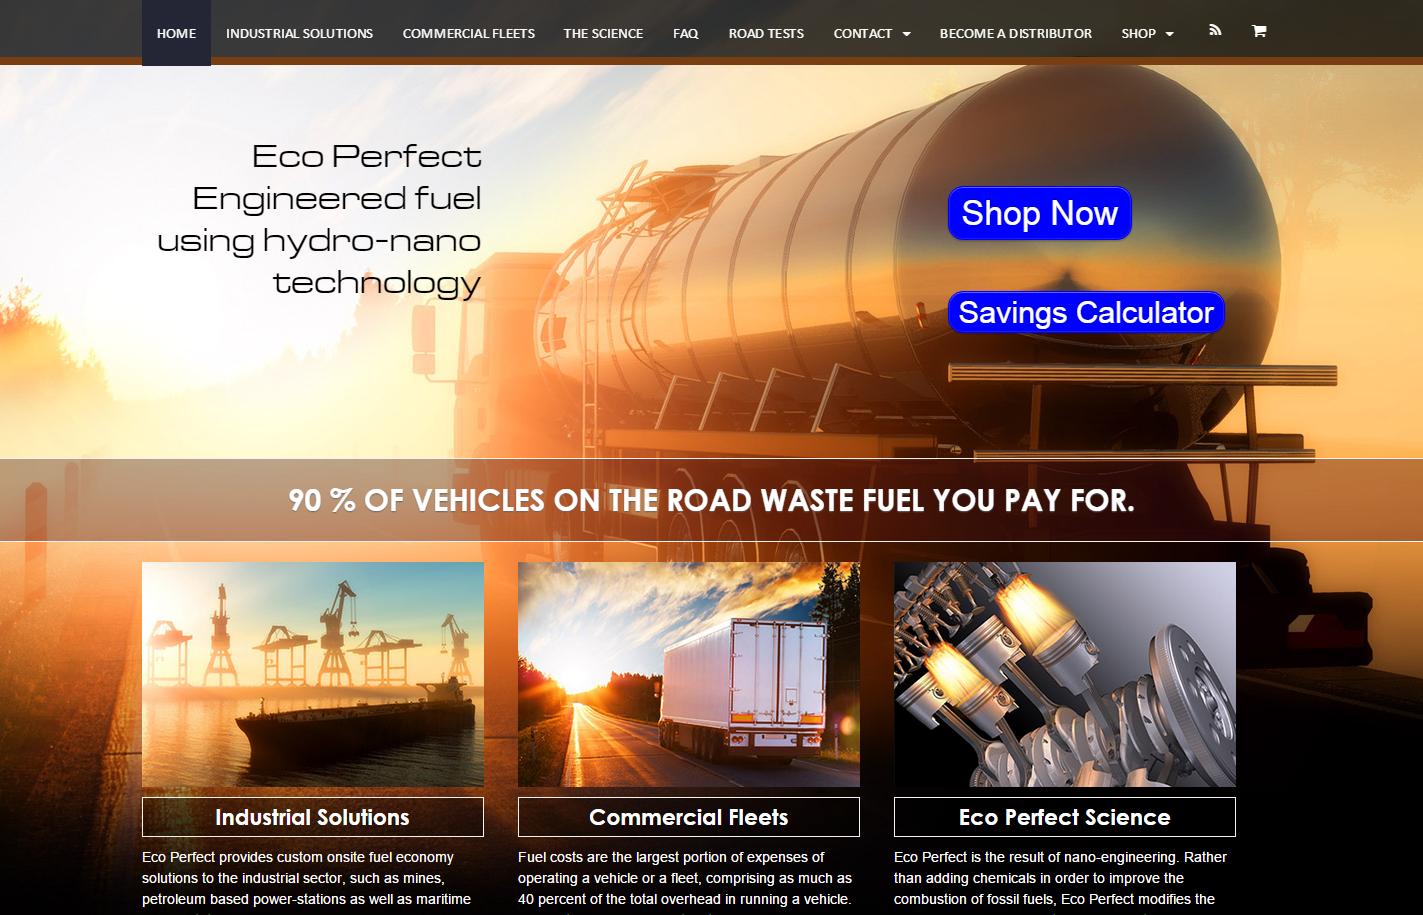 Eco Perfect